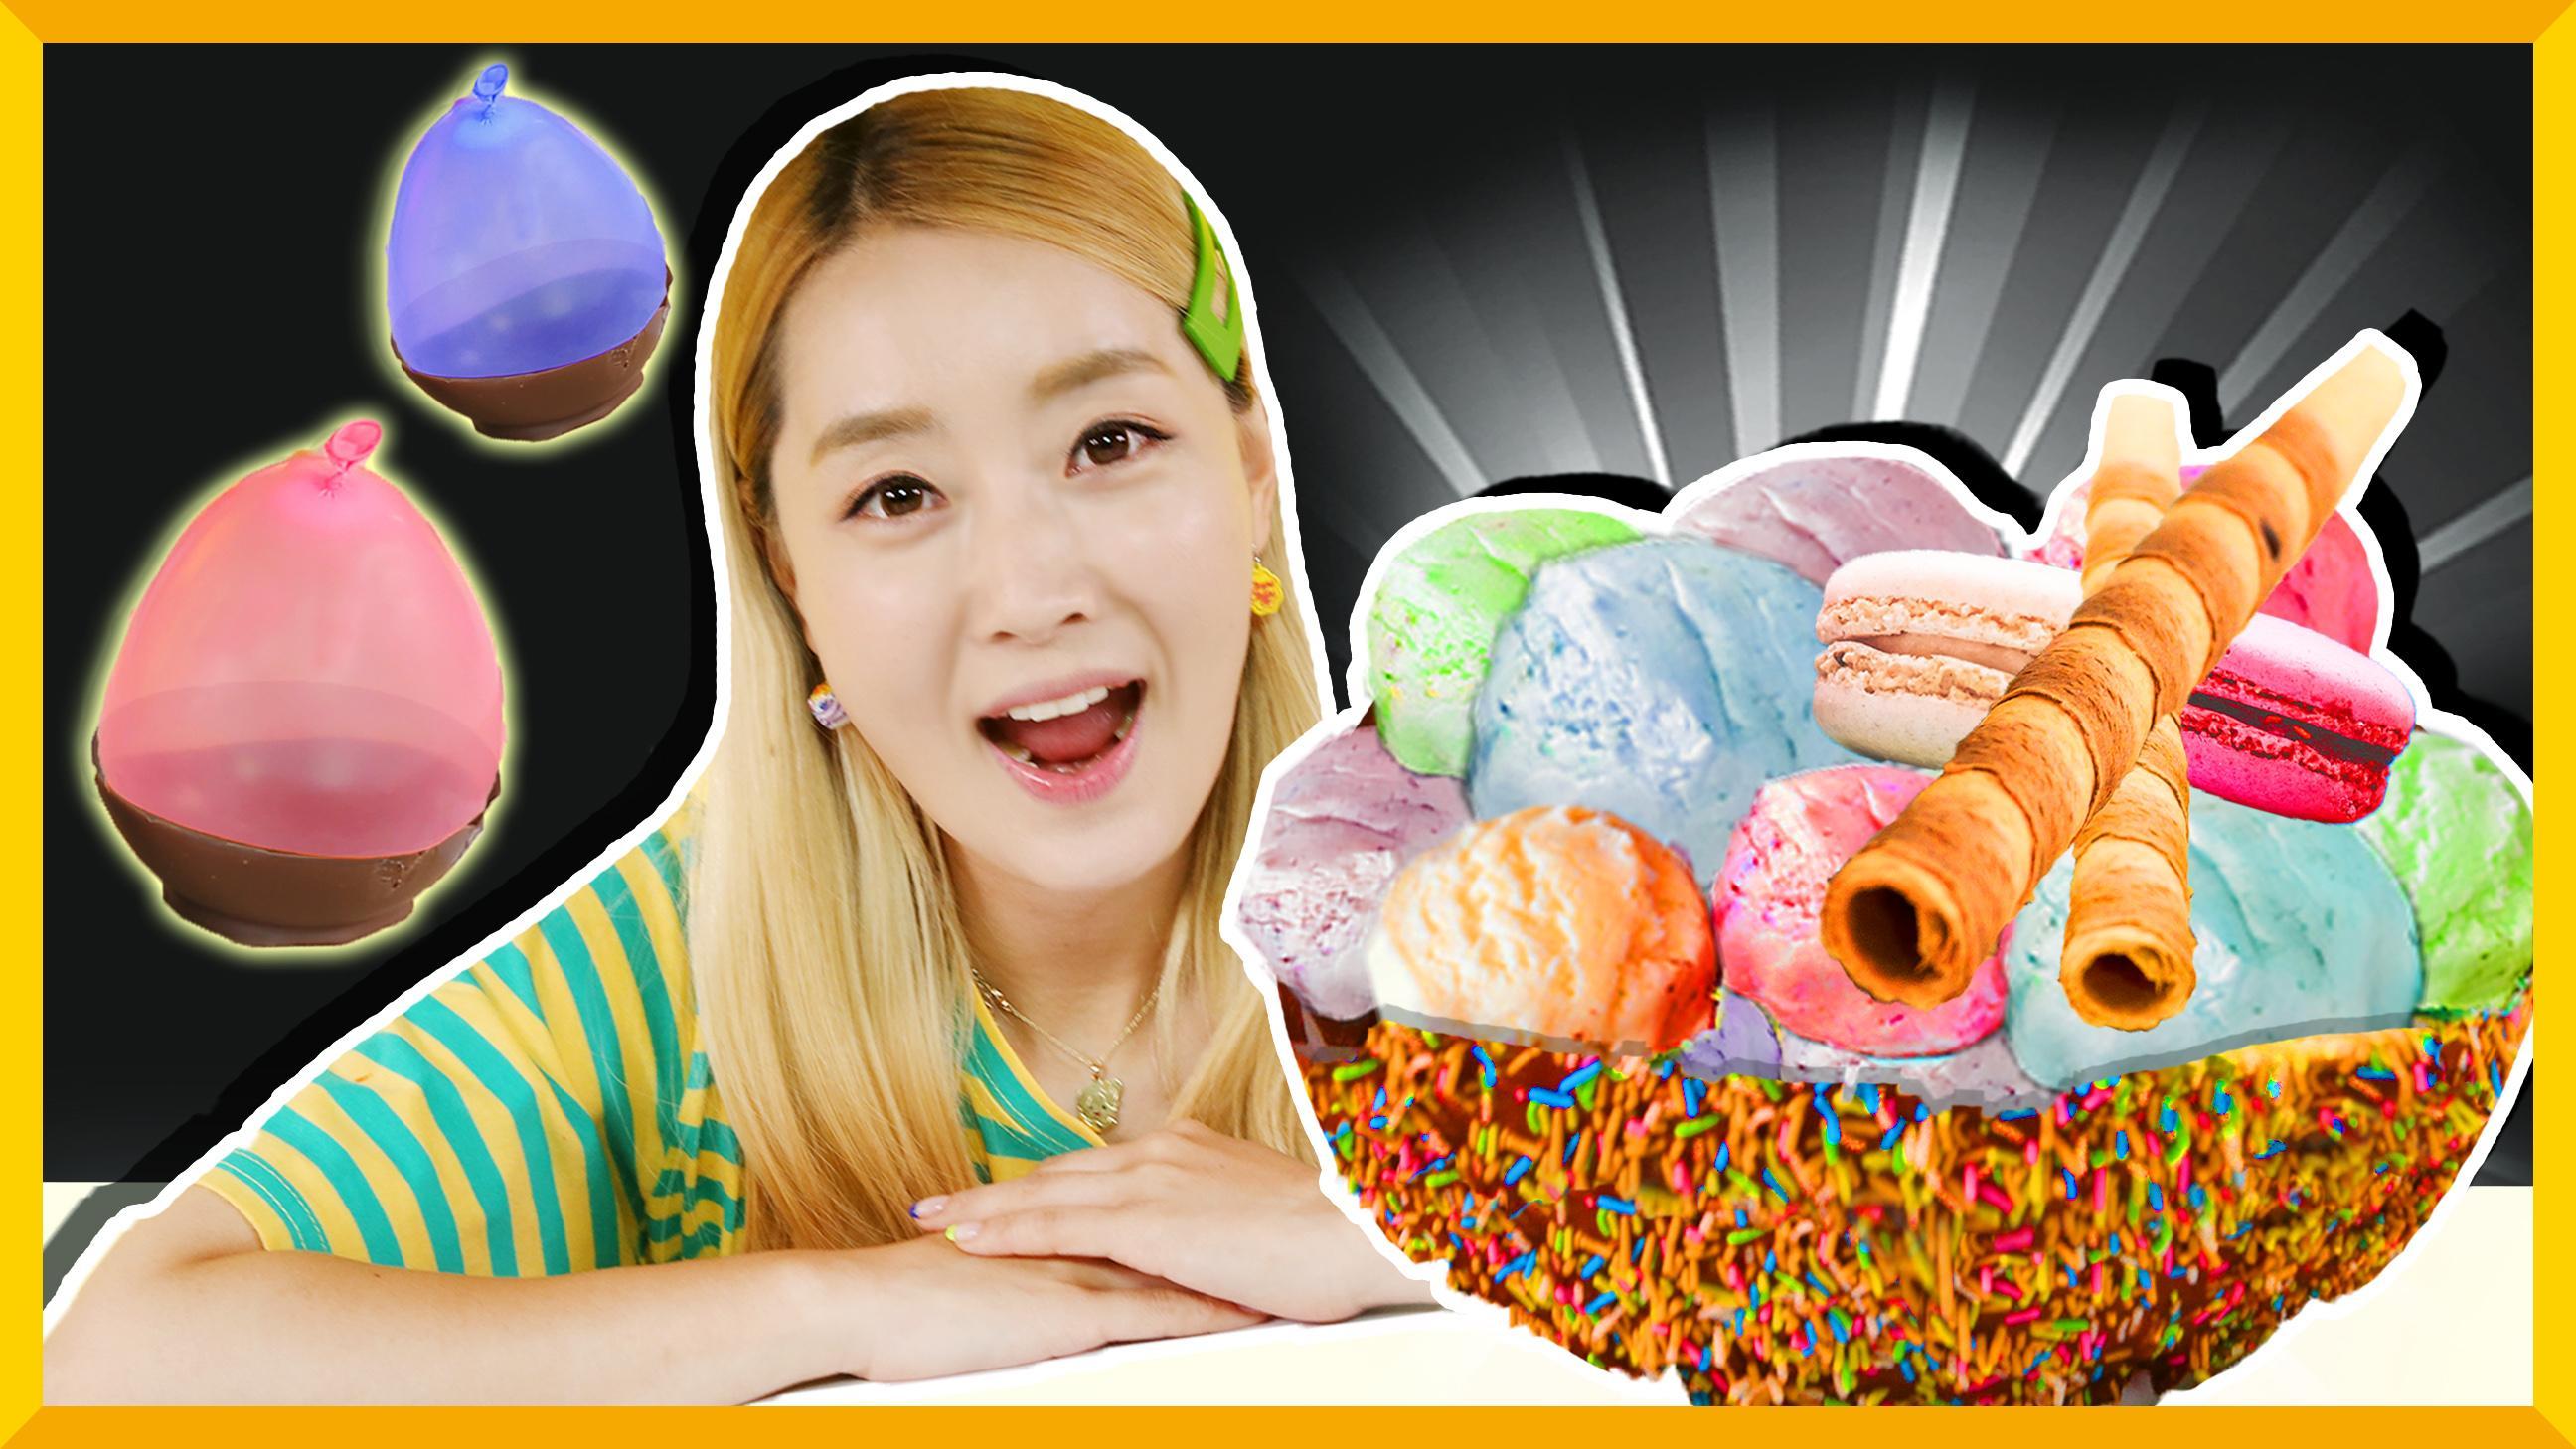 用彩虹巧克力DIY超大气球冰淇淋杯子 | 爱丽和故事 EllieAndStory